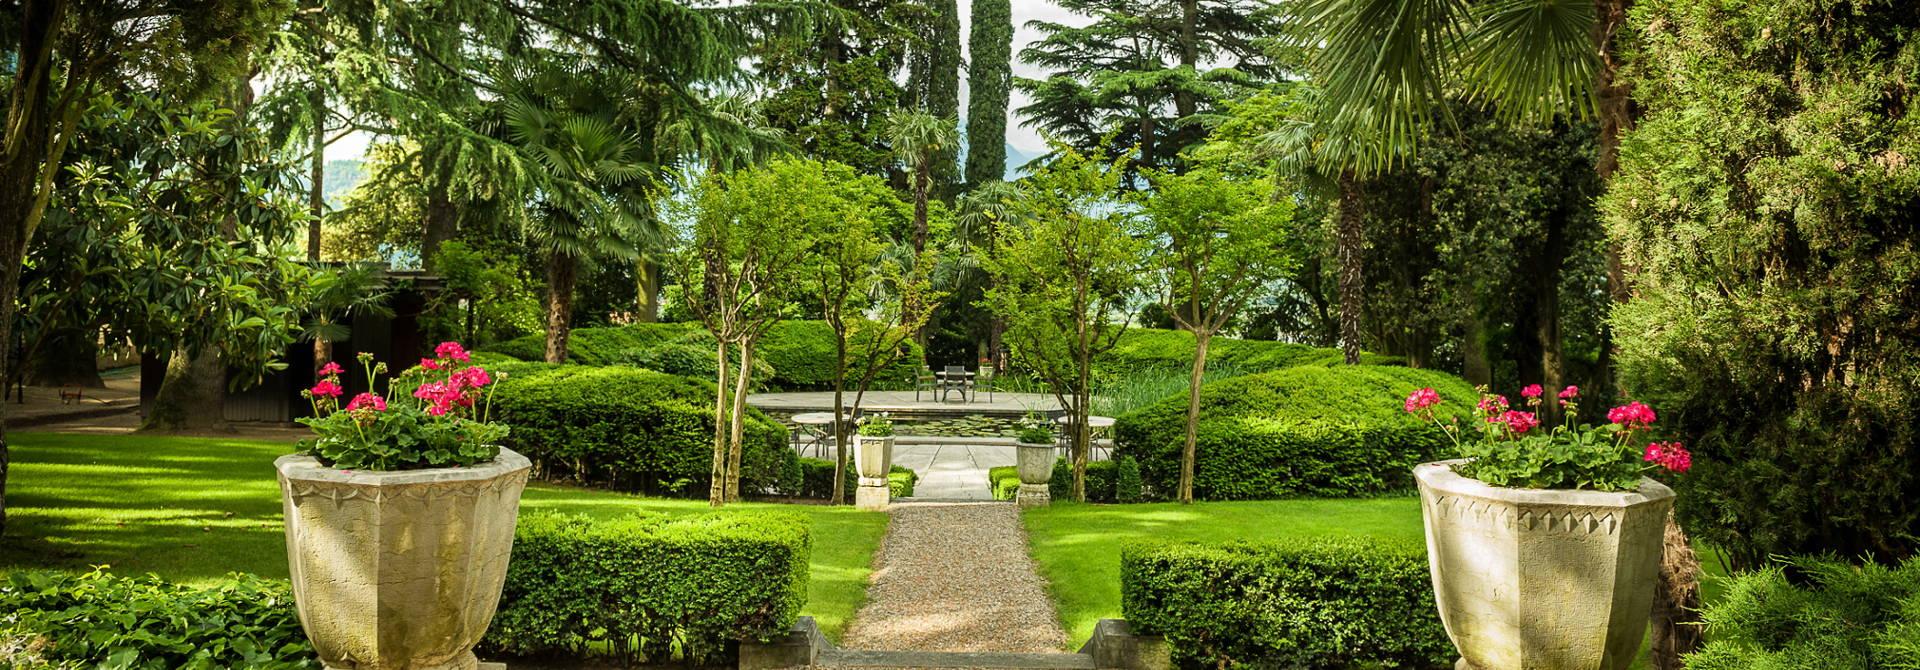 Arteverde Habitat Naturale – Progettazione giardini